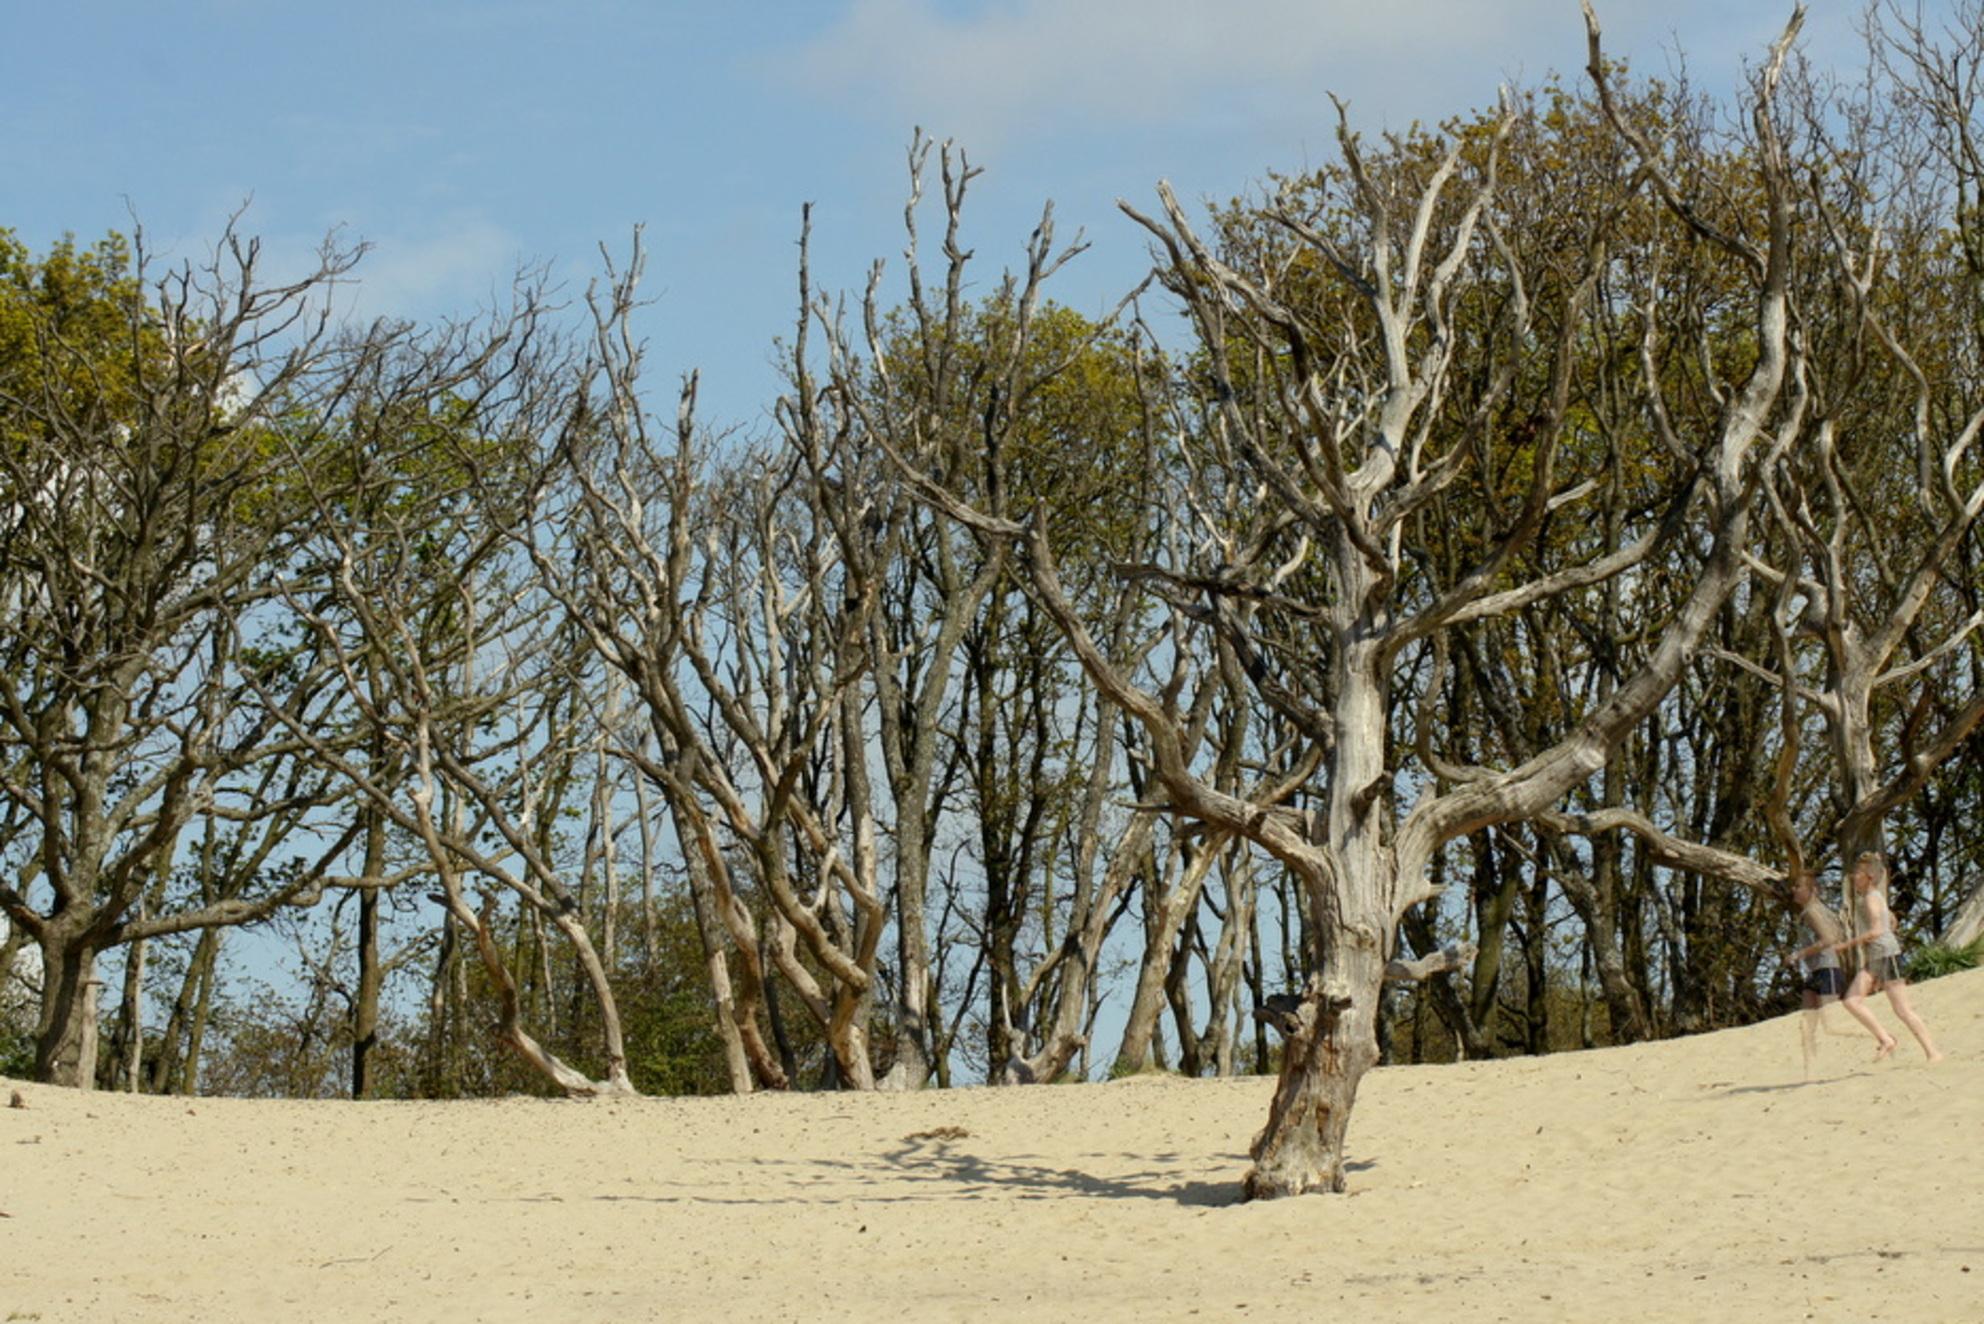 Grapje (1) - Op het eerste gezicht gewoon een plaatje van wat dode bomen in het zand, maar er is iets grappigs.... rechts in beeld... voor details zie volgende up - foto door belton op 20-05-2010 - deze foto bevat: duinen, bomen, zand - Deze foto mag gebruikt worden in een Zoom.nl publicatie